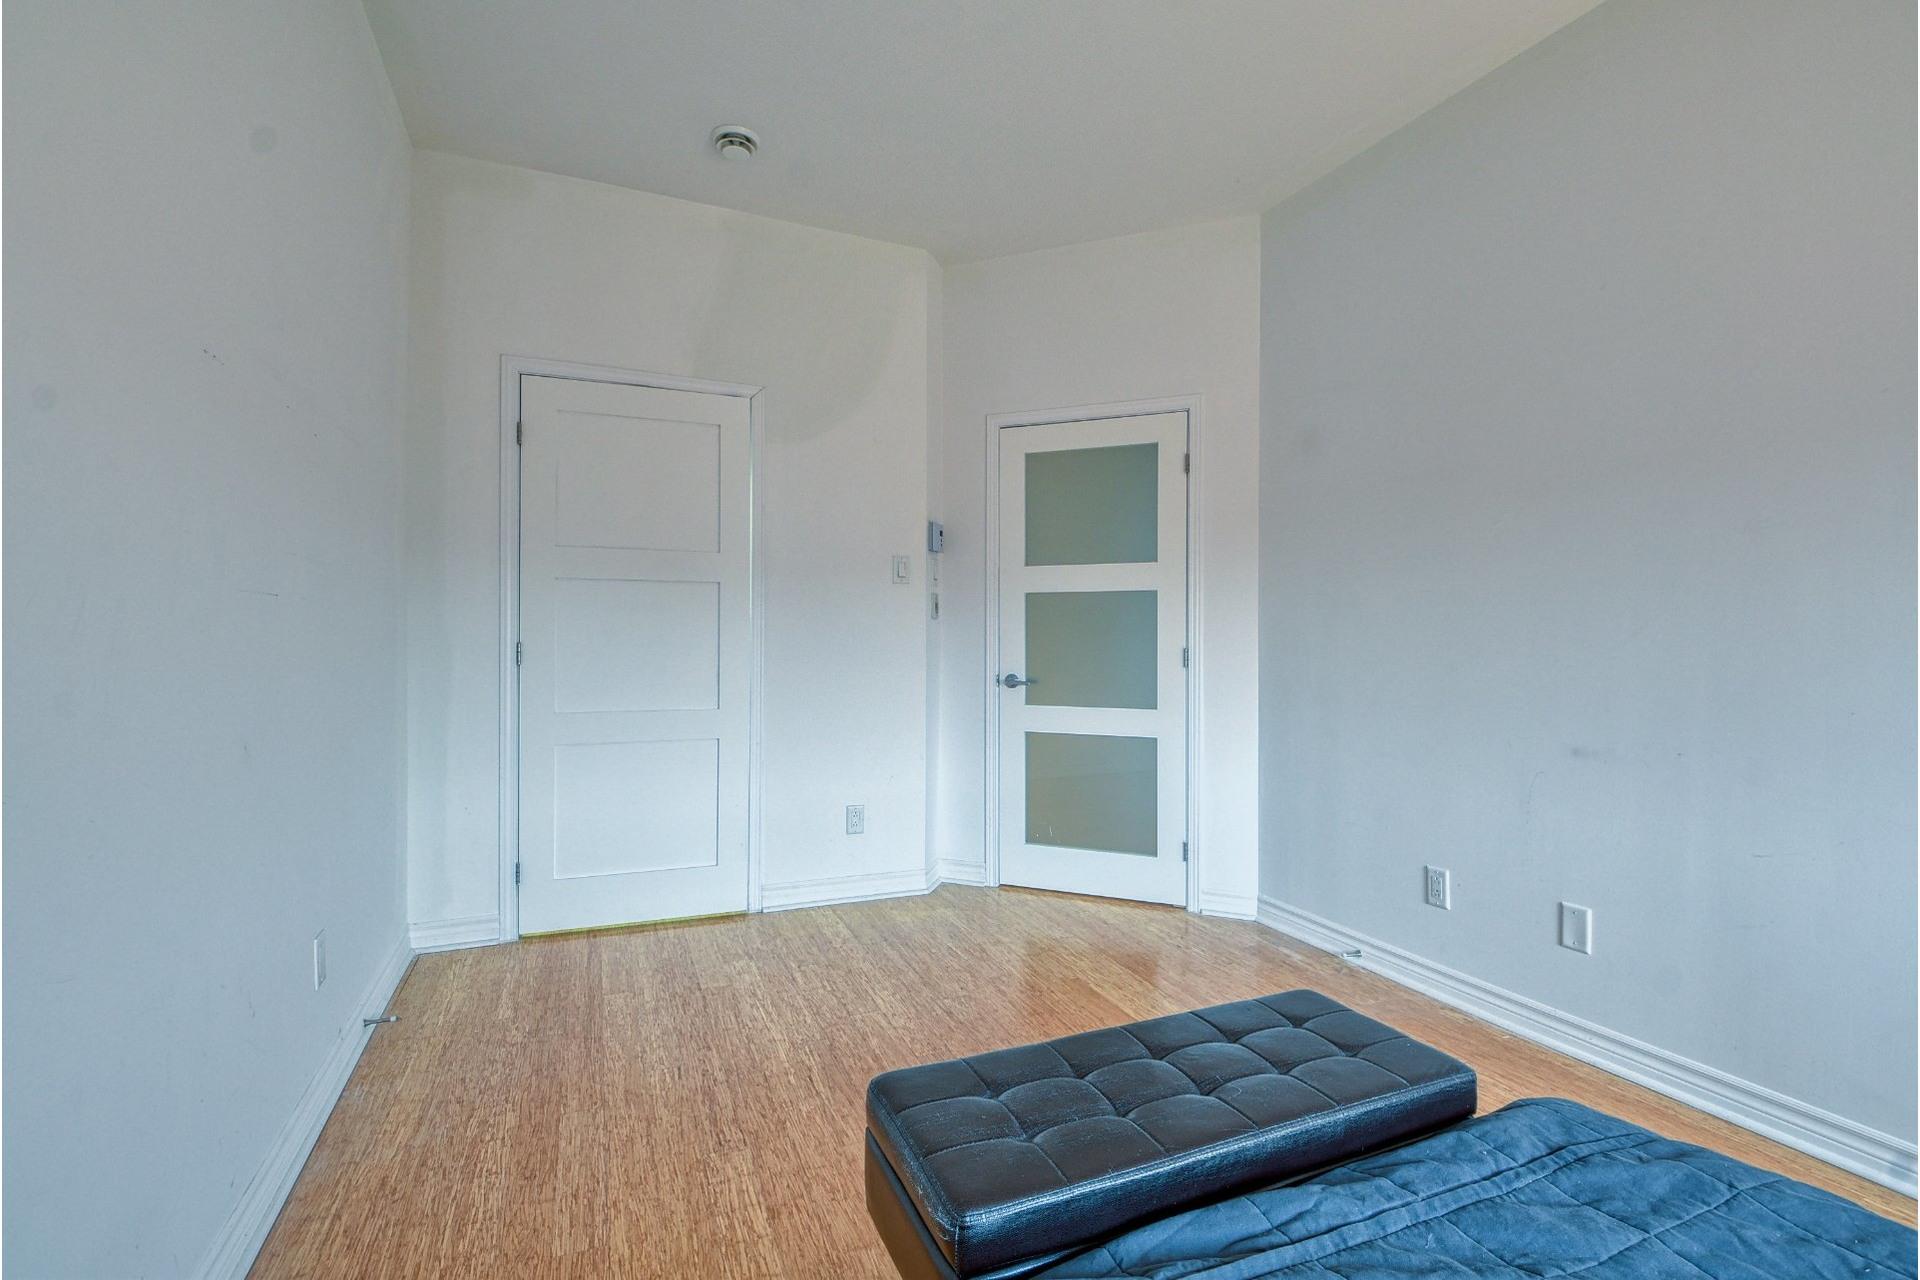 image 14 - Appartement À vendre Lachine Montréal  - 7 pièces